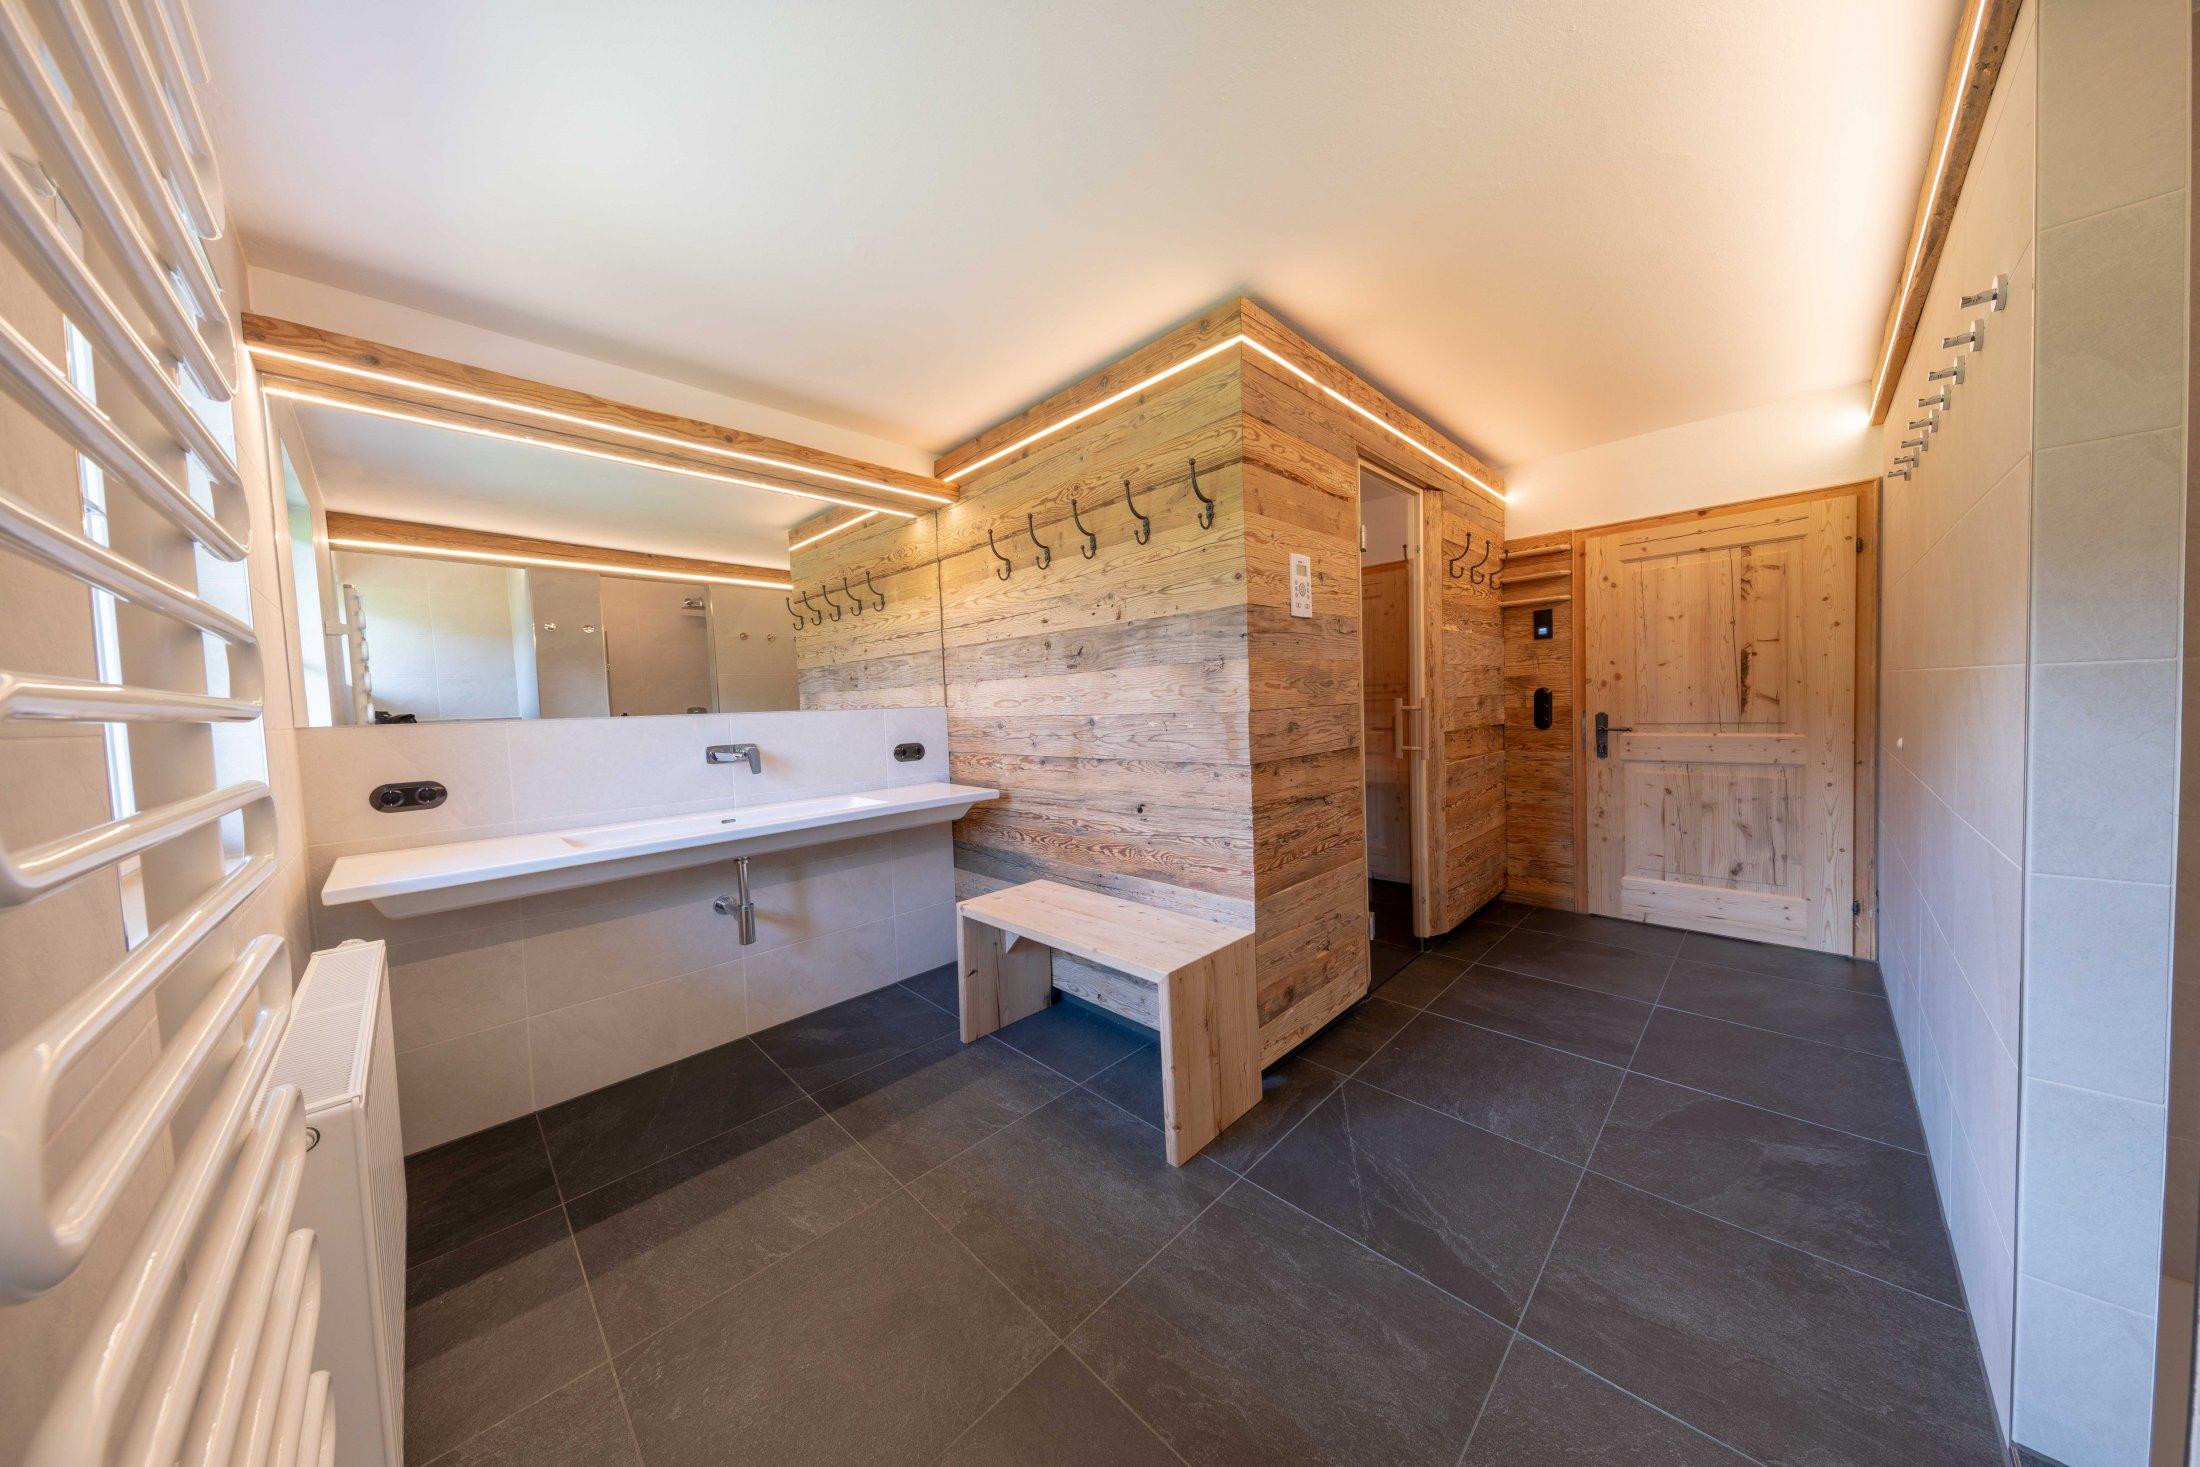 Badezimmer mit Sauna im ersten Obergeschoss